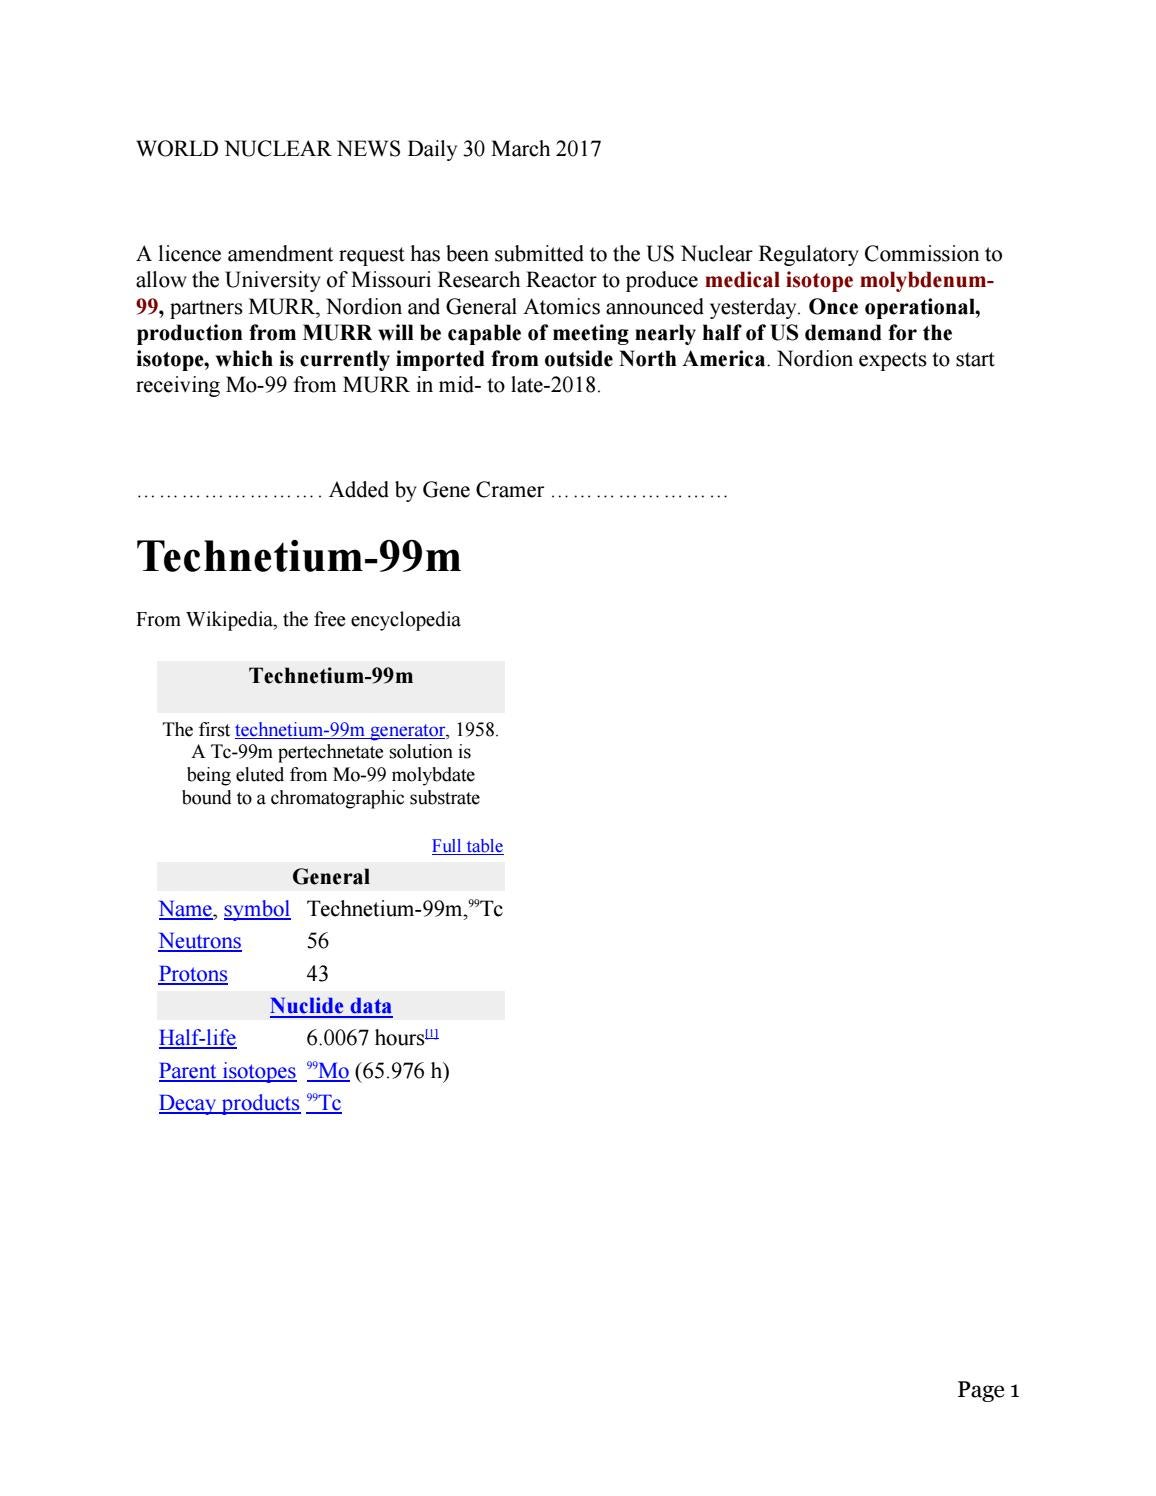 Molybdenum 99 Technetium 99m Murr World Nuclear News Gene Cramer